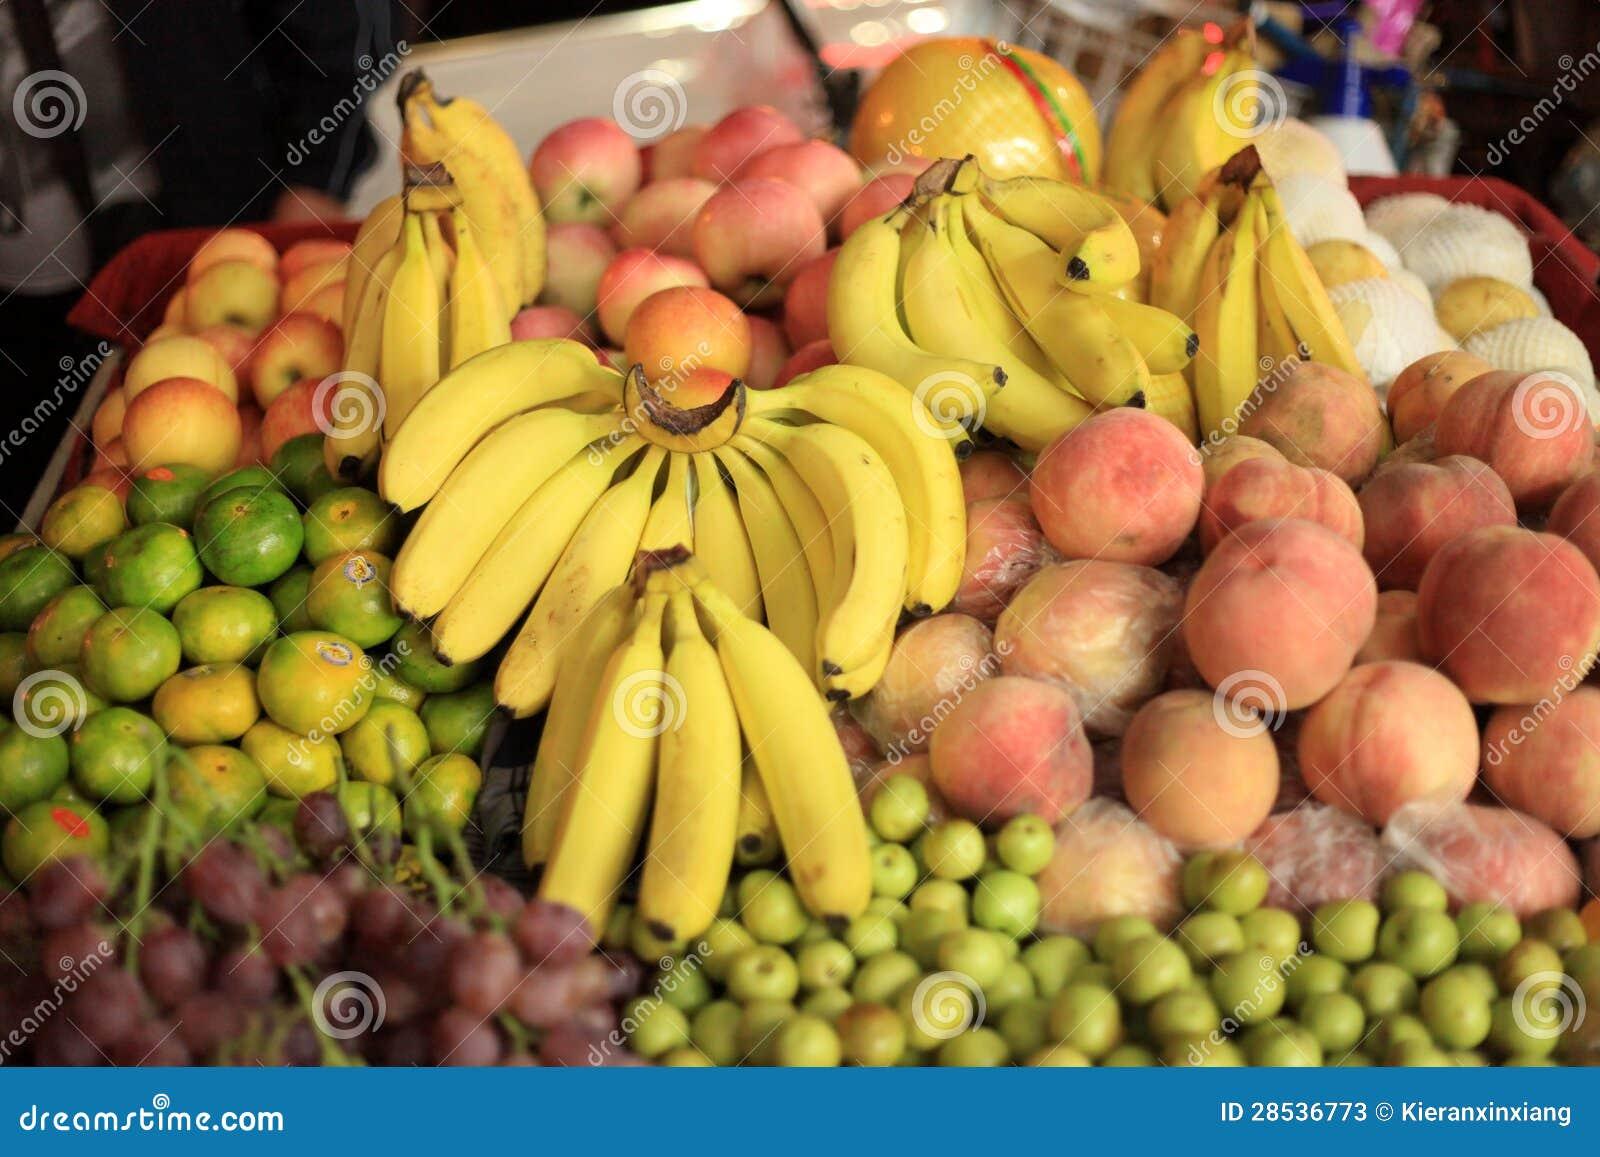 Banaan, sinaasappel, appel, pompelmoes, pompelmoes, fruitsupermarkt, zonnige winkel, heel wat, natuurlijk, vers, kernachtig,